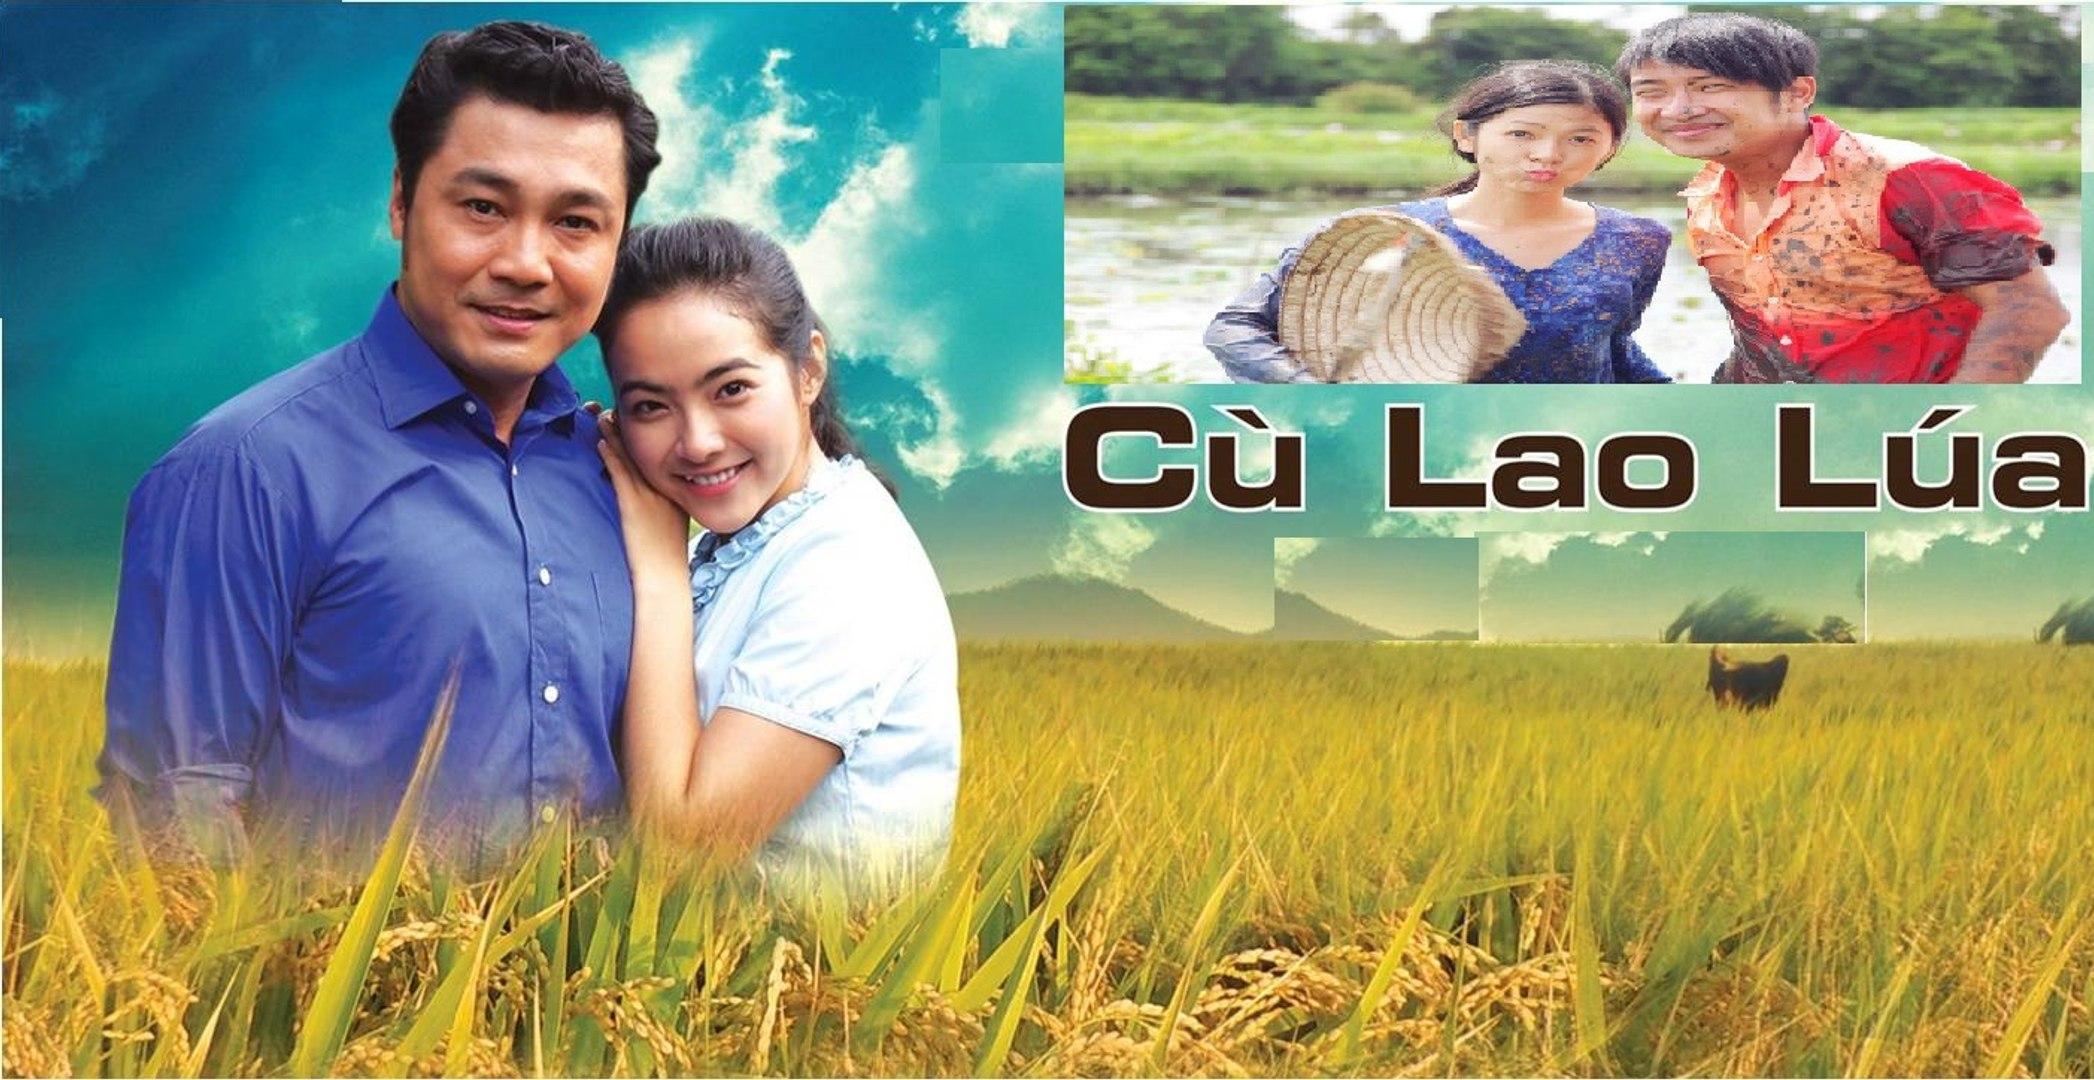 Phim Cù Lao Lúa Tập 11 - Phim Việt Nam - Phim Mới